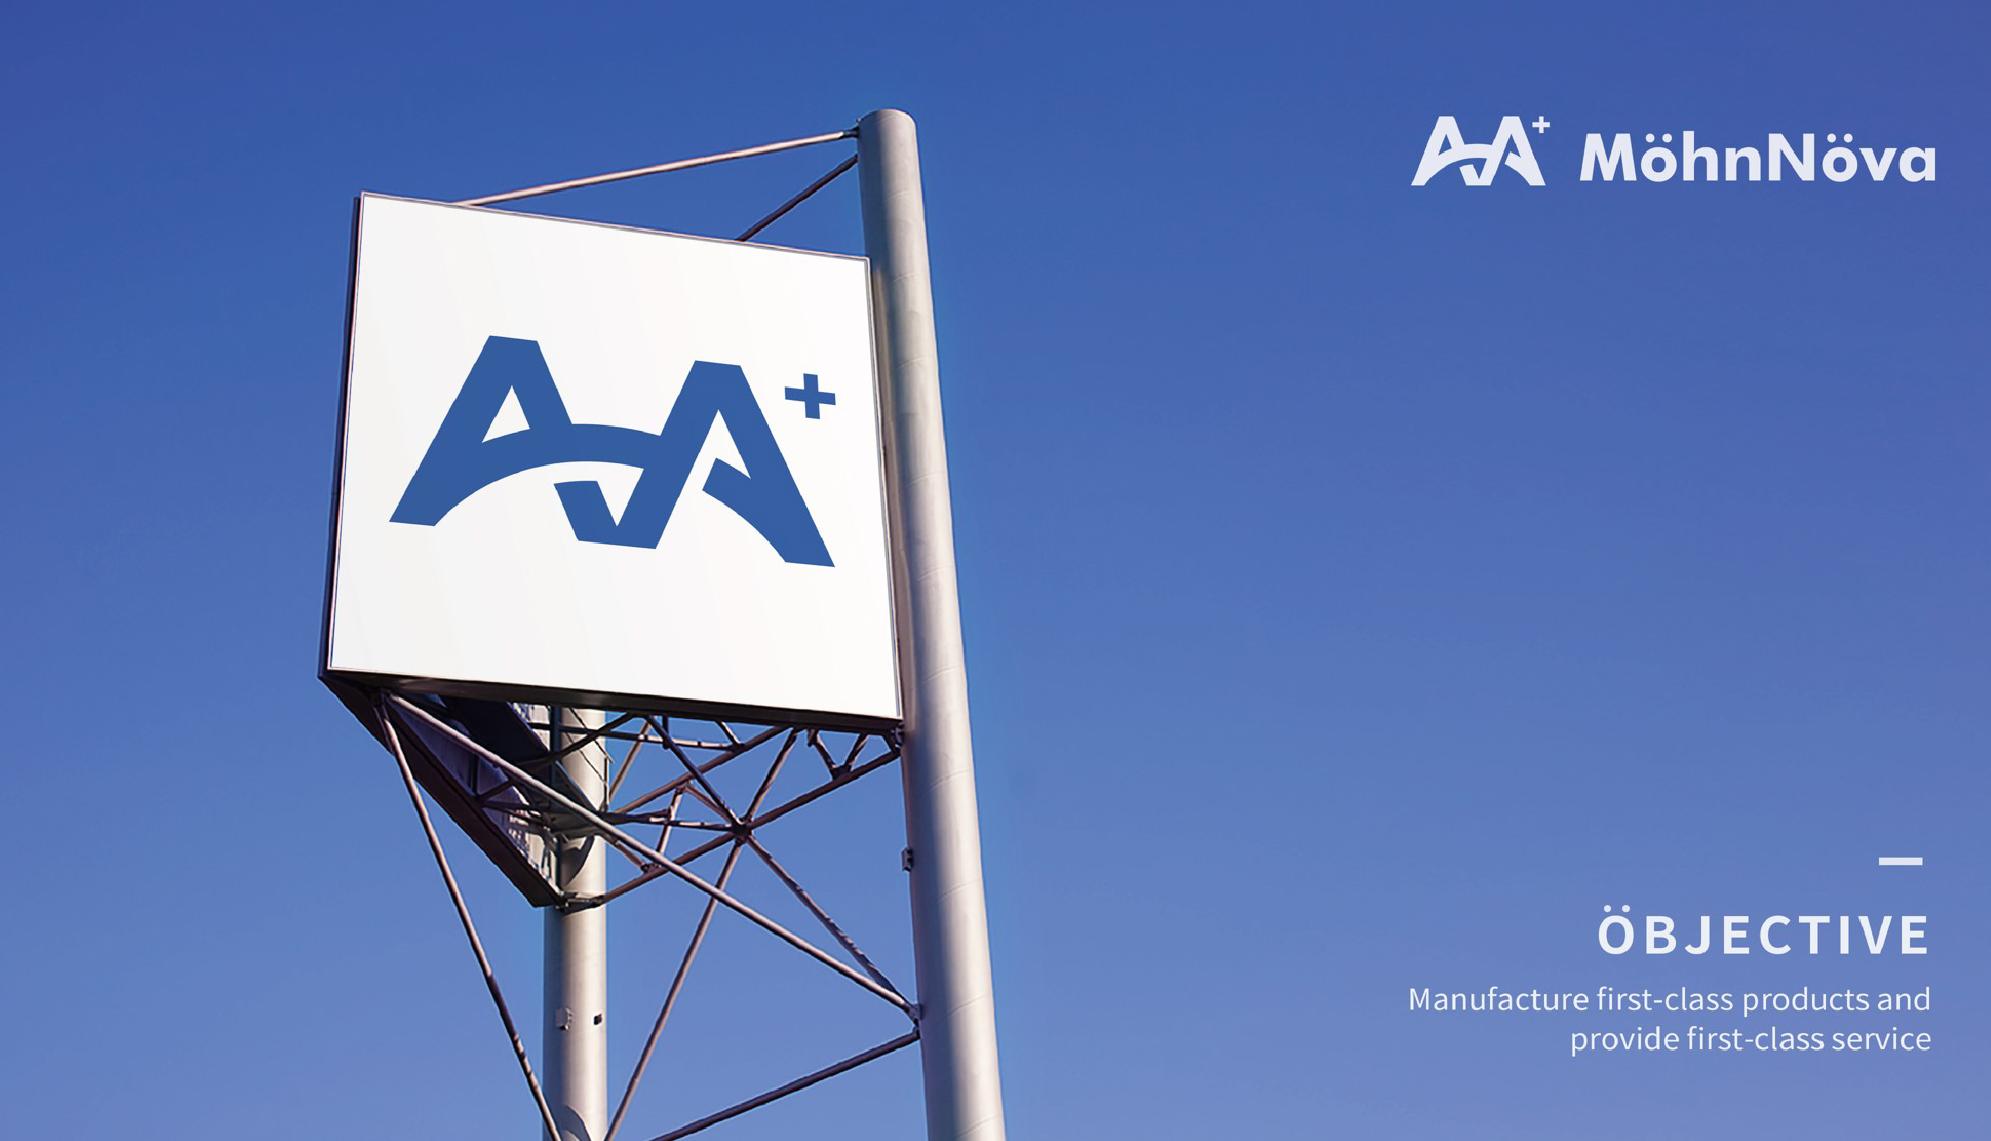 摩恩诺瓦品牌设计